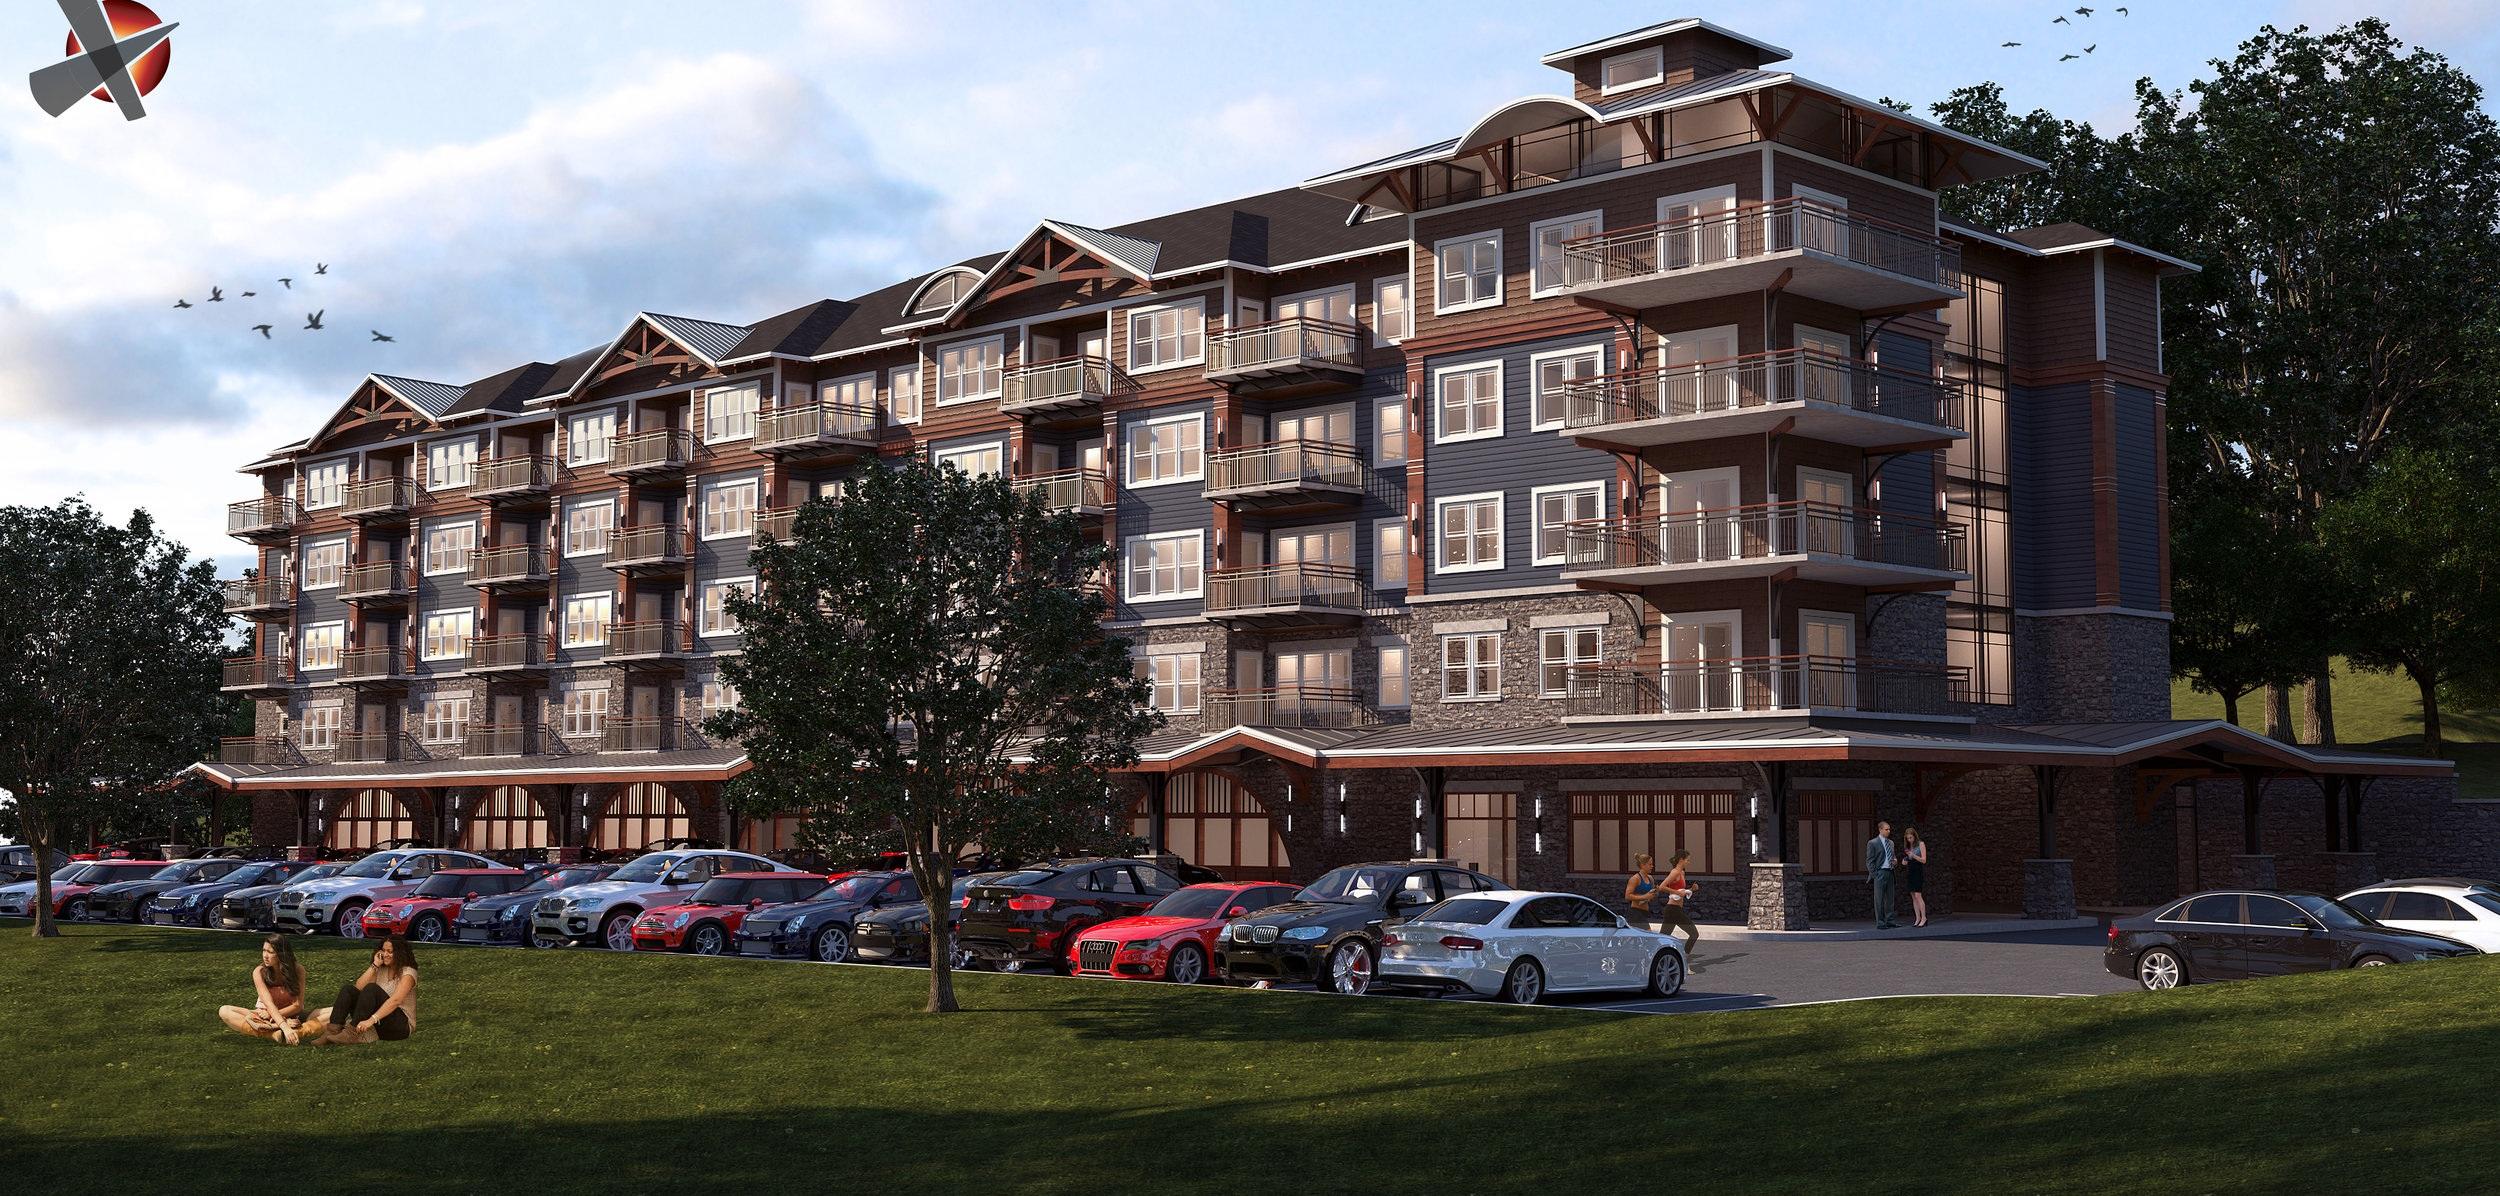 2015-02-23+Ossining+apartments+reduced.jpg